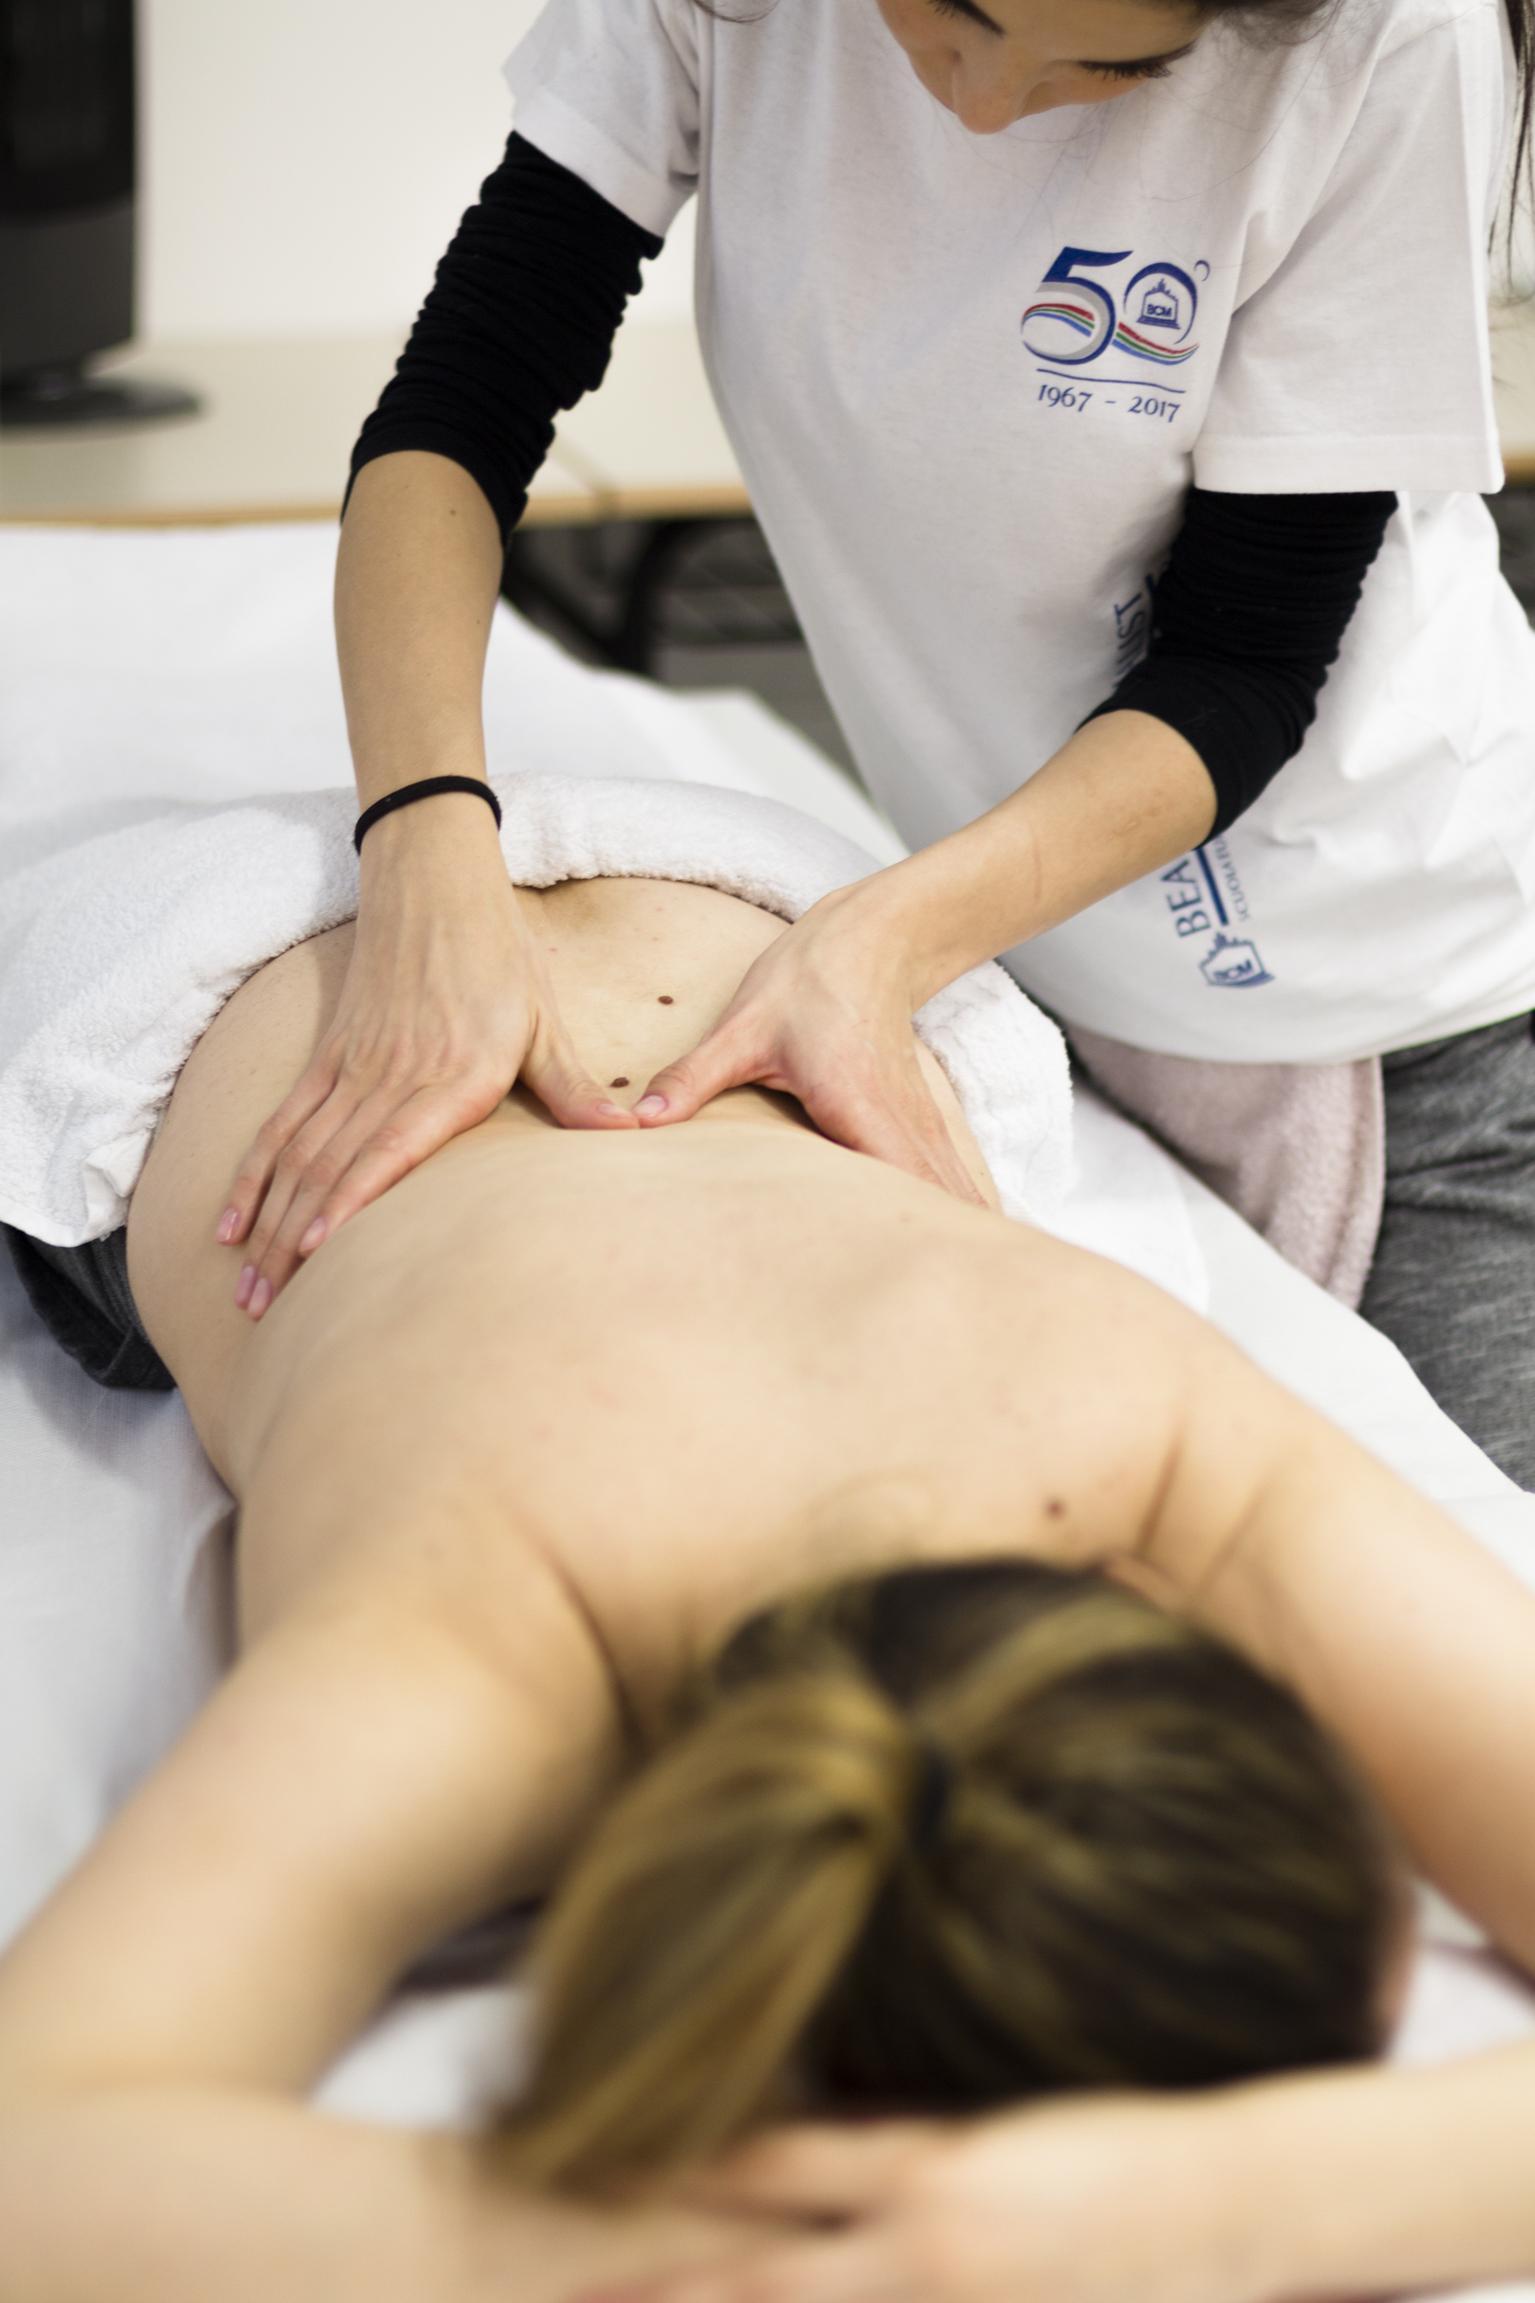 Scuola BCM-corso massaggio decontratturante